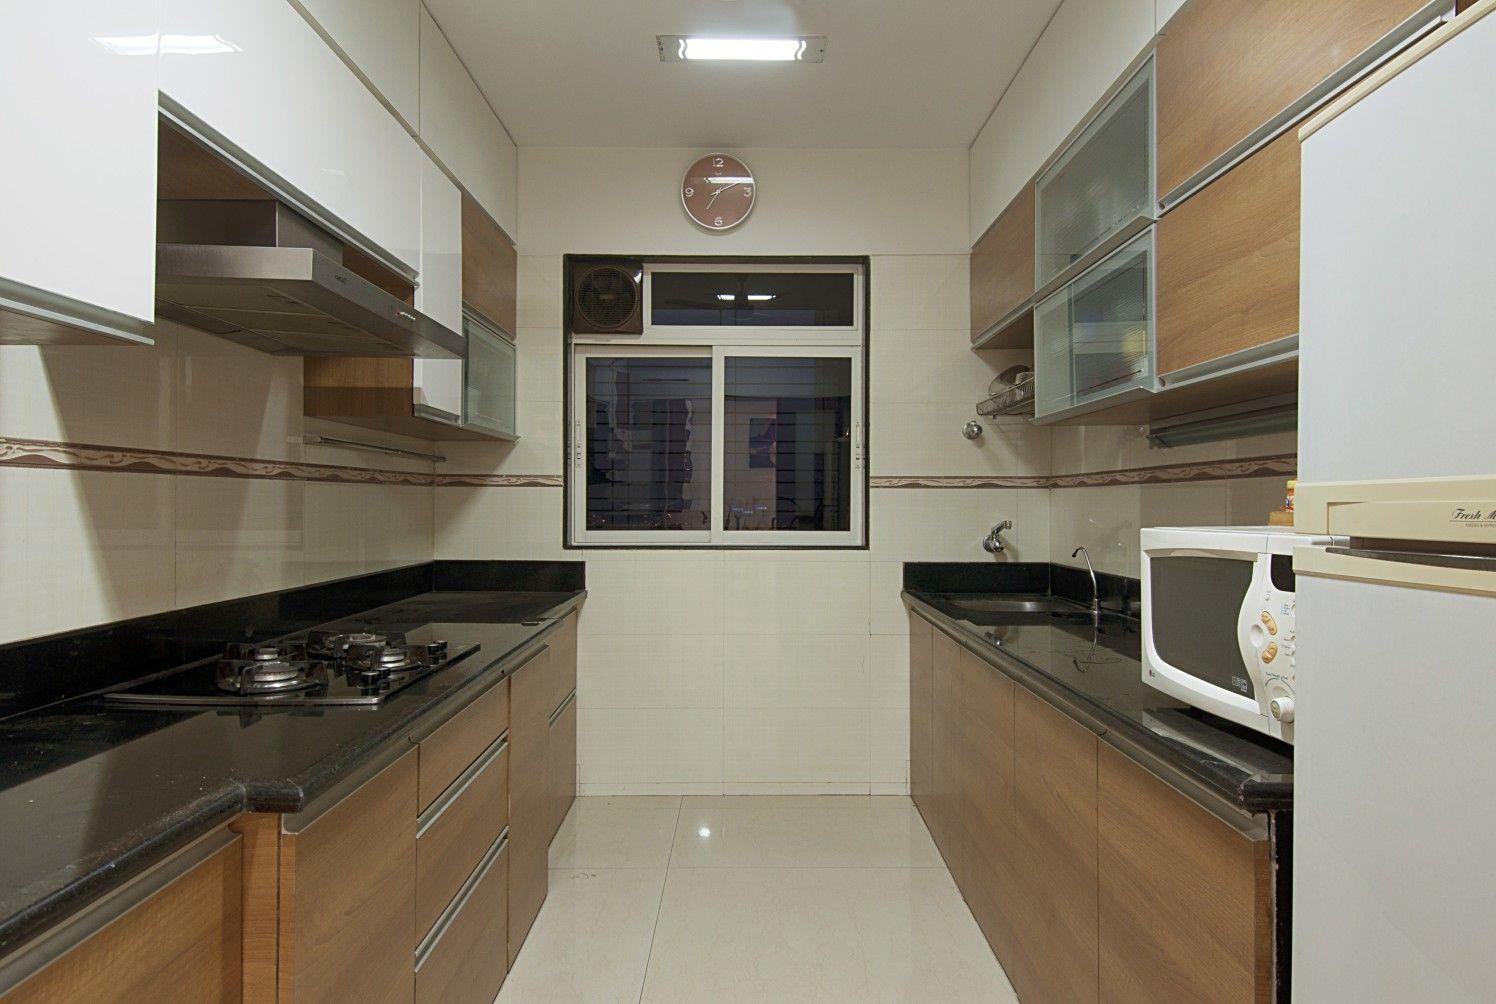 parallel modern kitchen design decor interiors homestyle homedecor kitchen interior on kitchen interior parallel id=97276